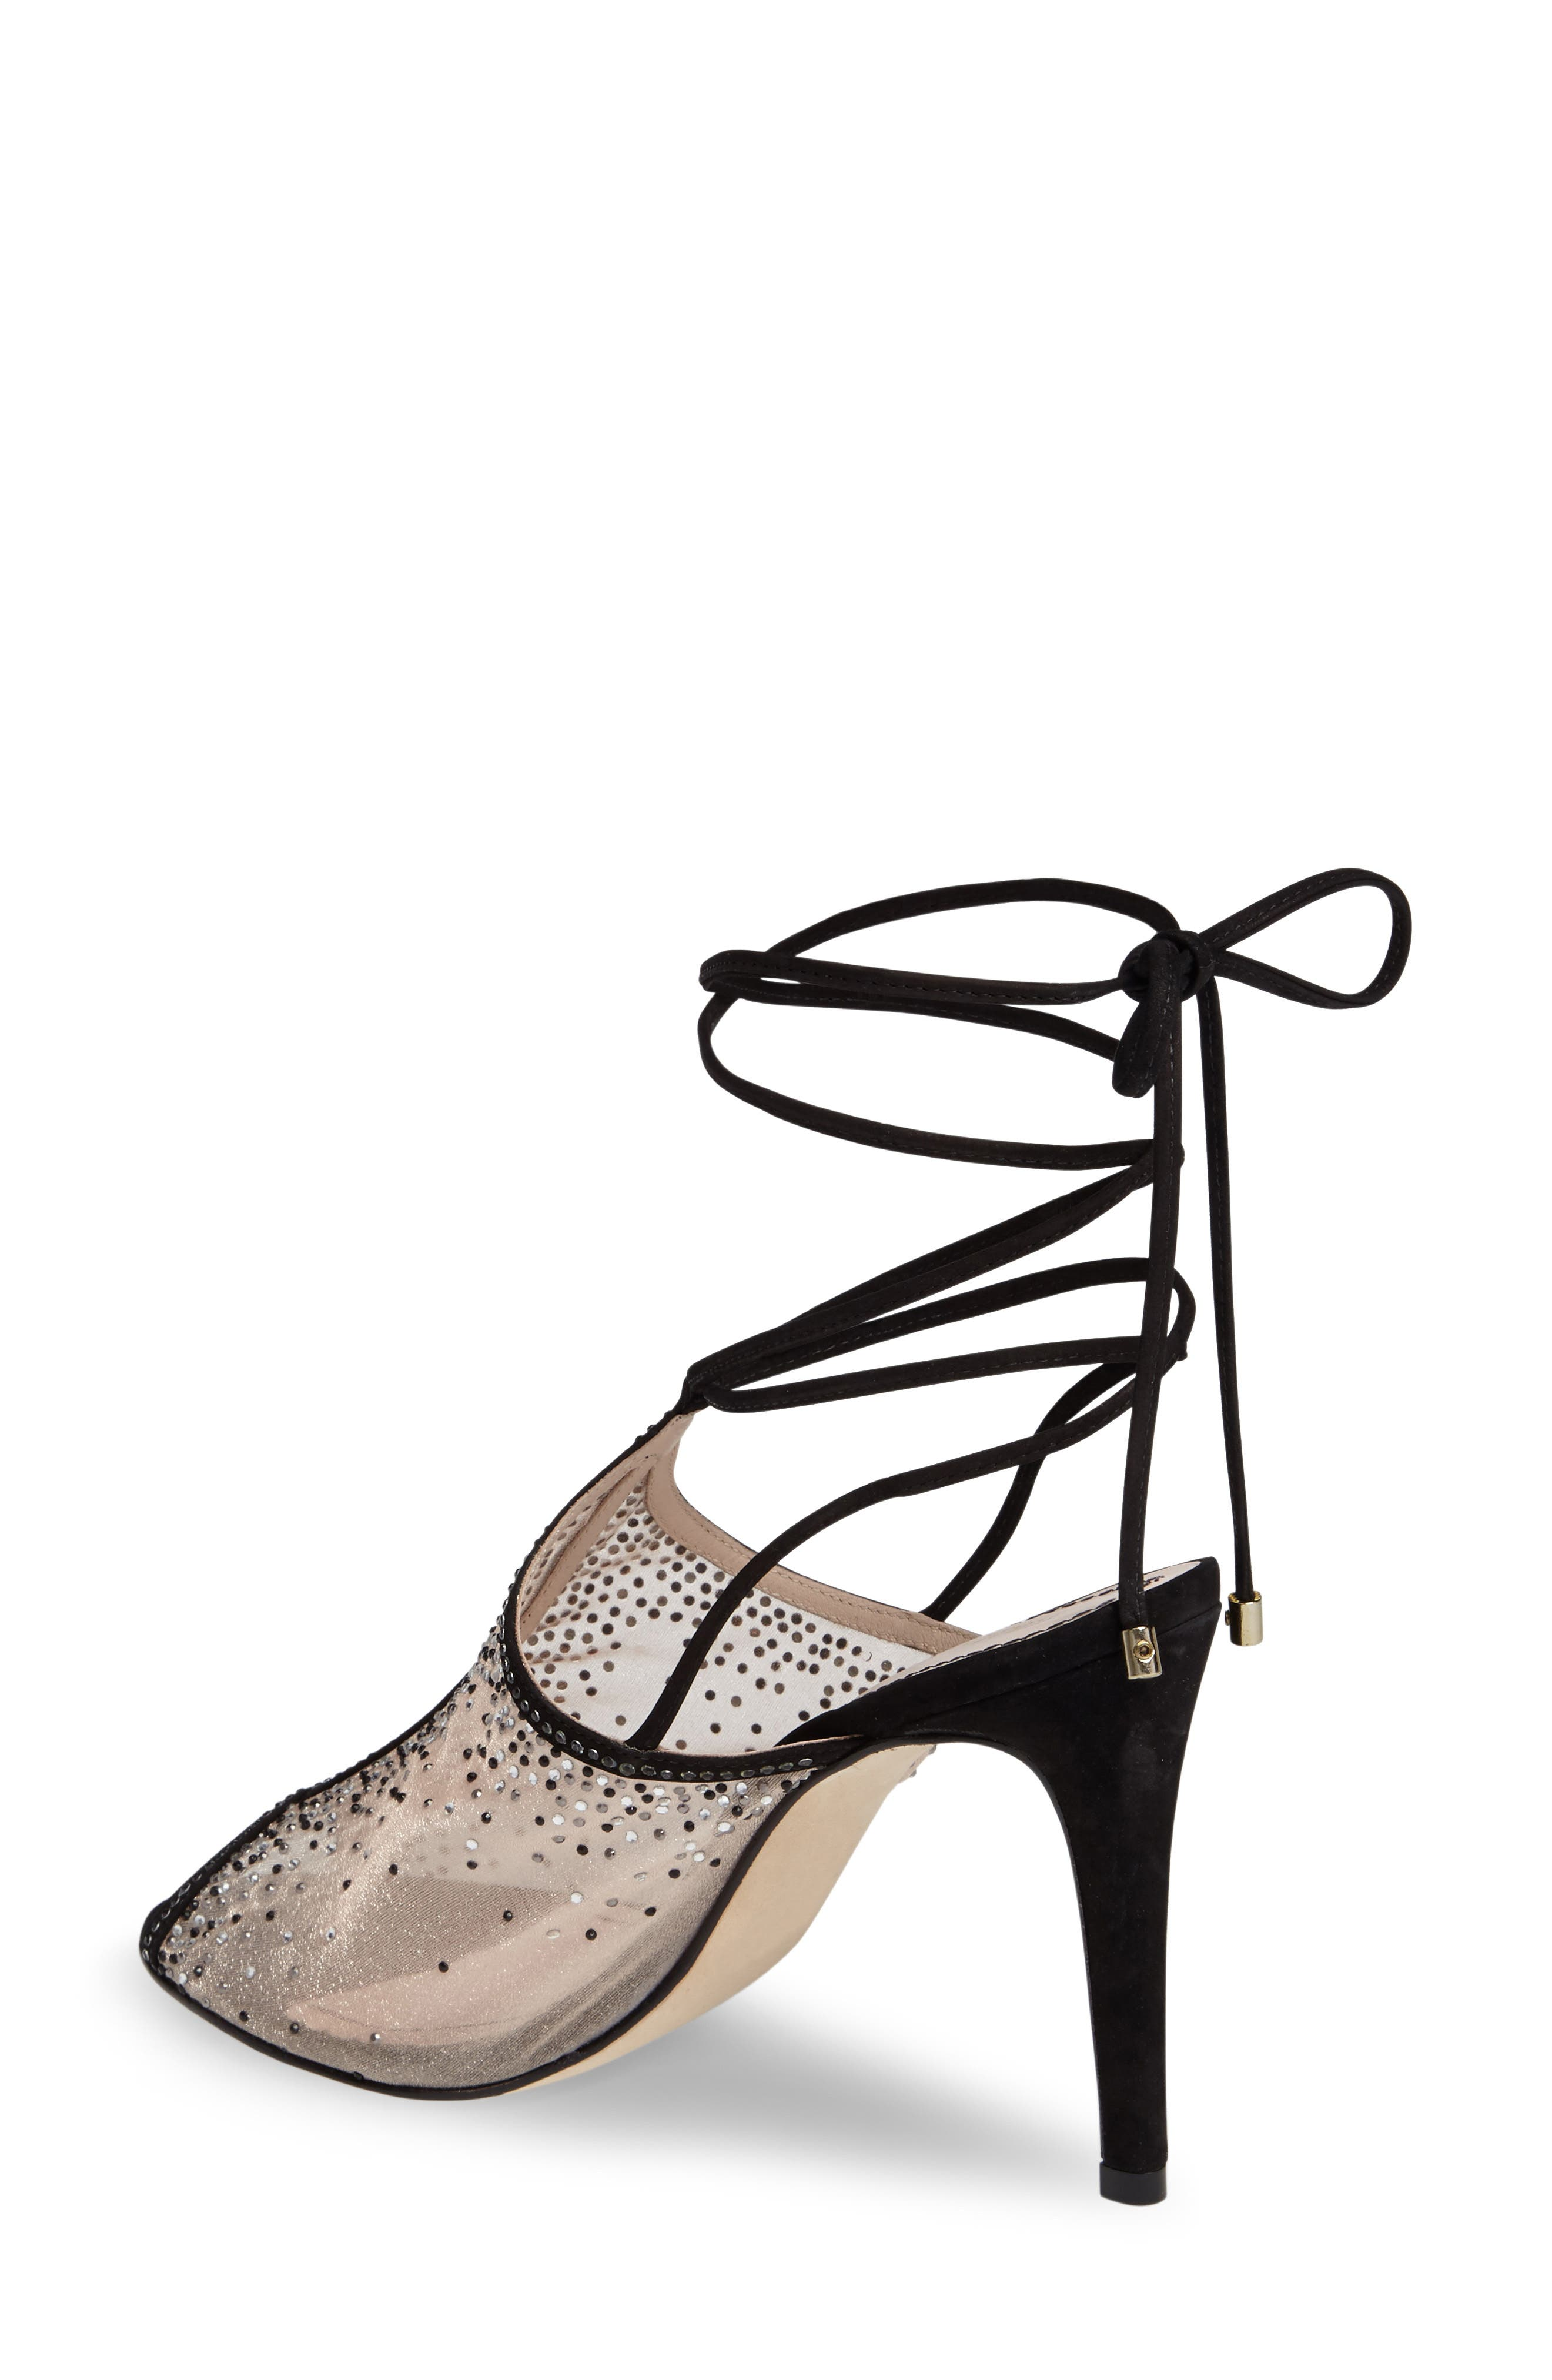 Margeaux Embellished Wraparound Sandal,                             Alternate thumbnail 2, color,                             002